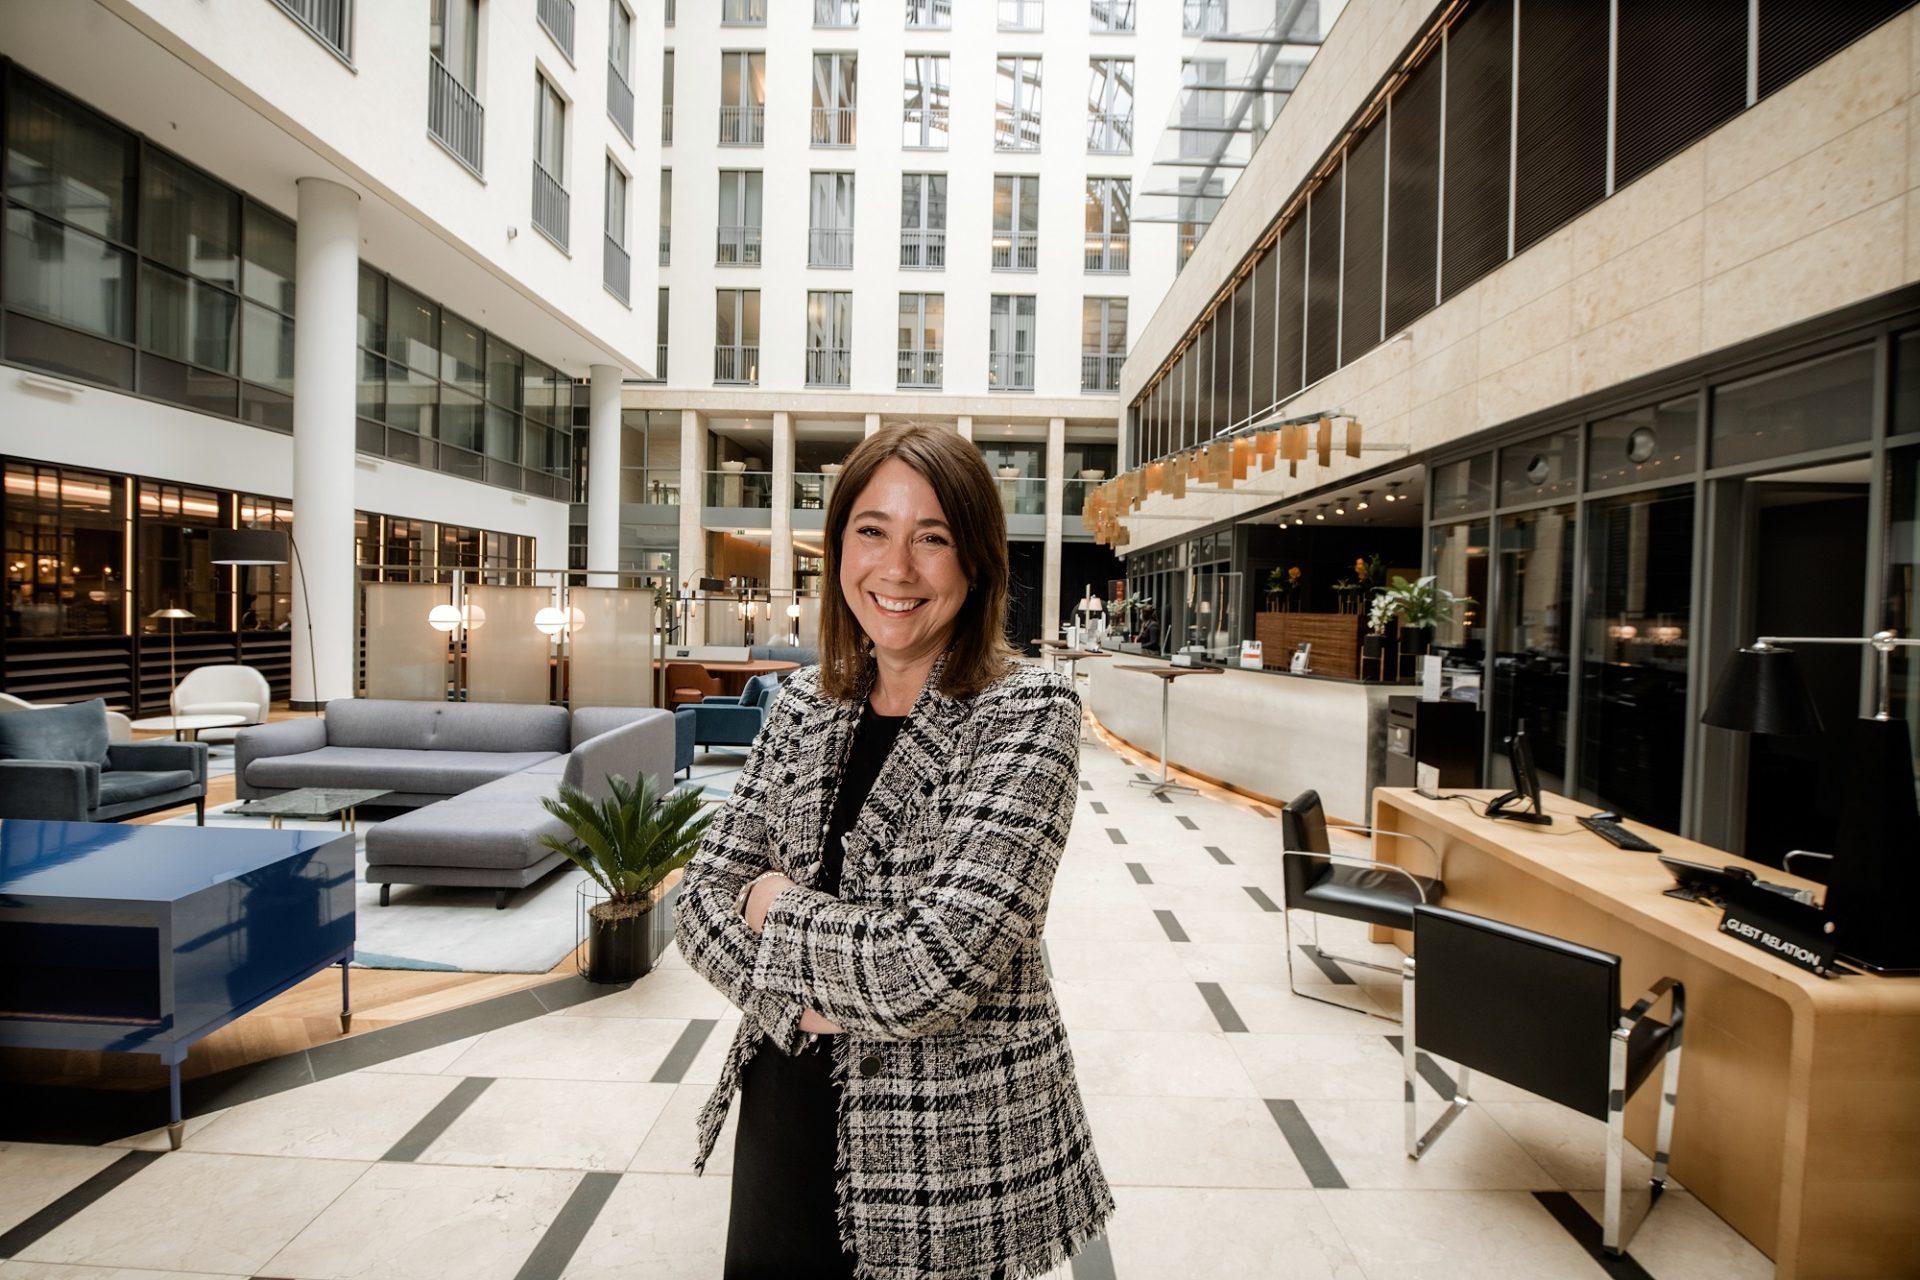 Britta Kutz in der Lobby des Hotels Interconti an der Königsallee. Foto: Andreas Endermann